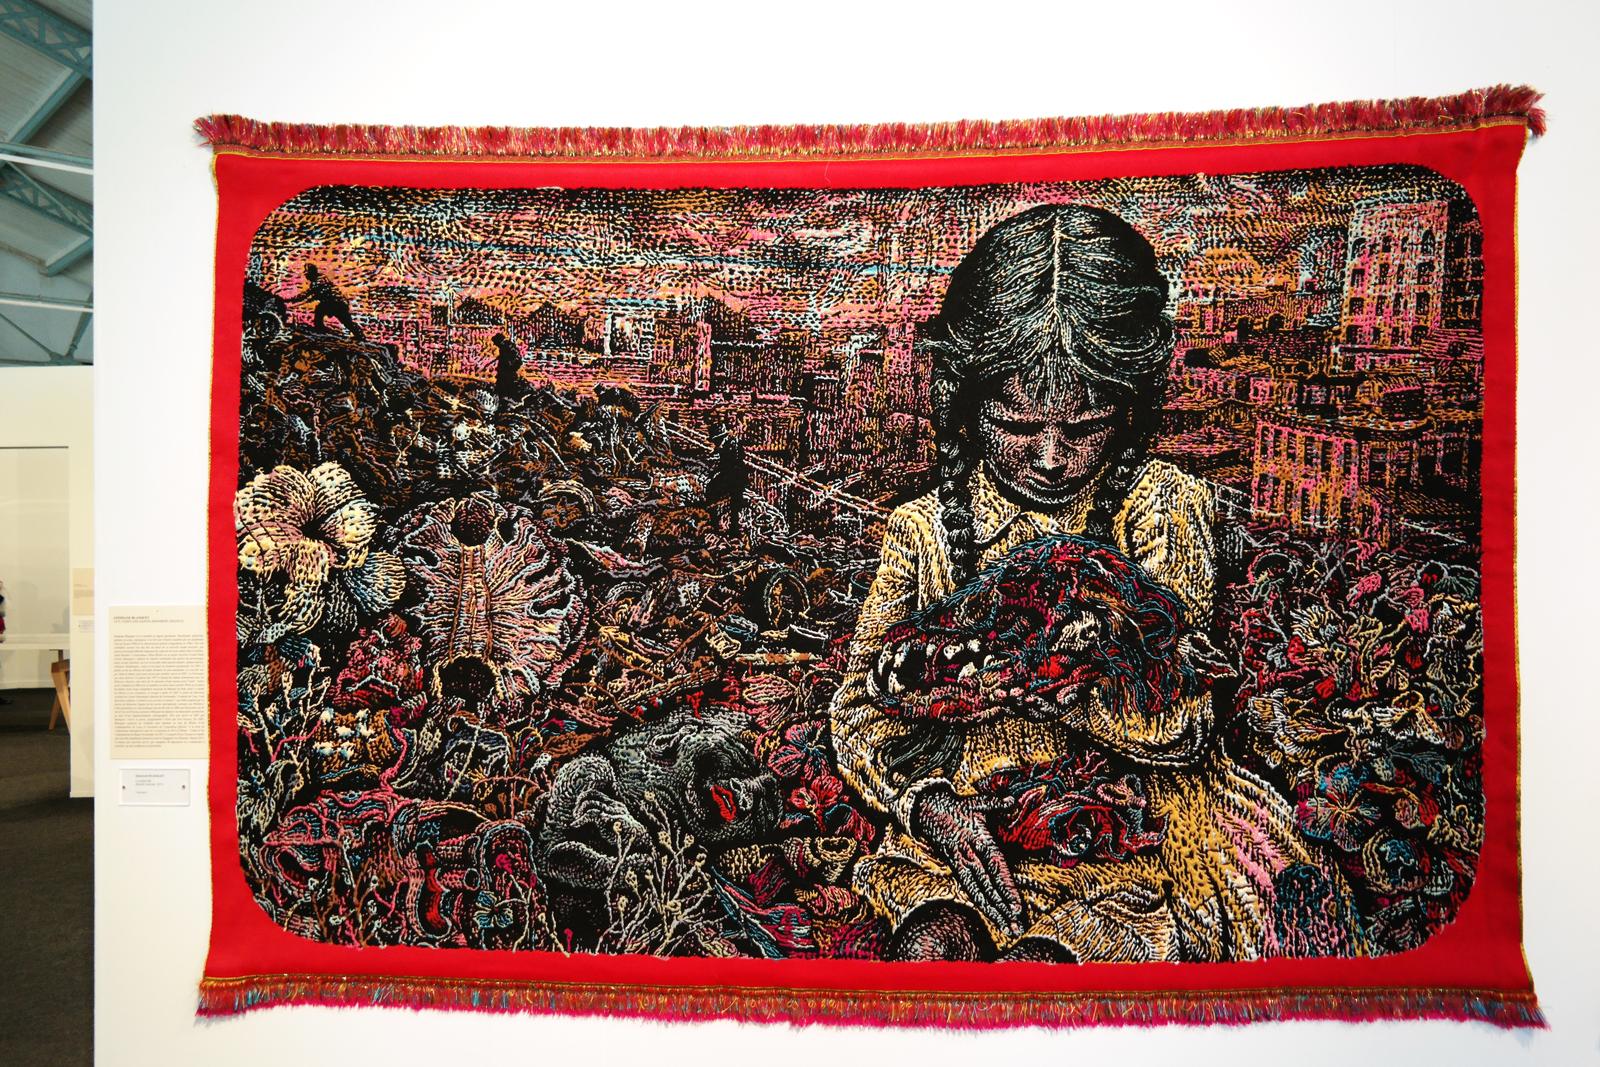 La petite fille, tapisserie, Stéphane Blanquet